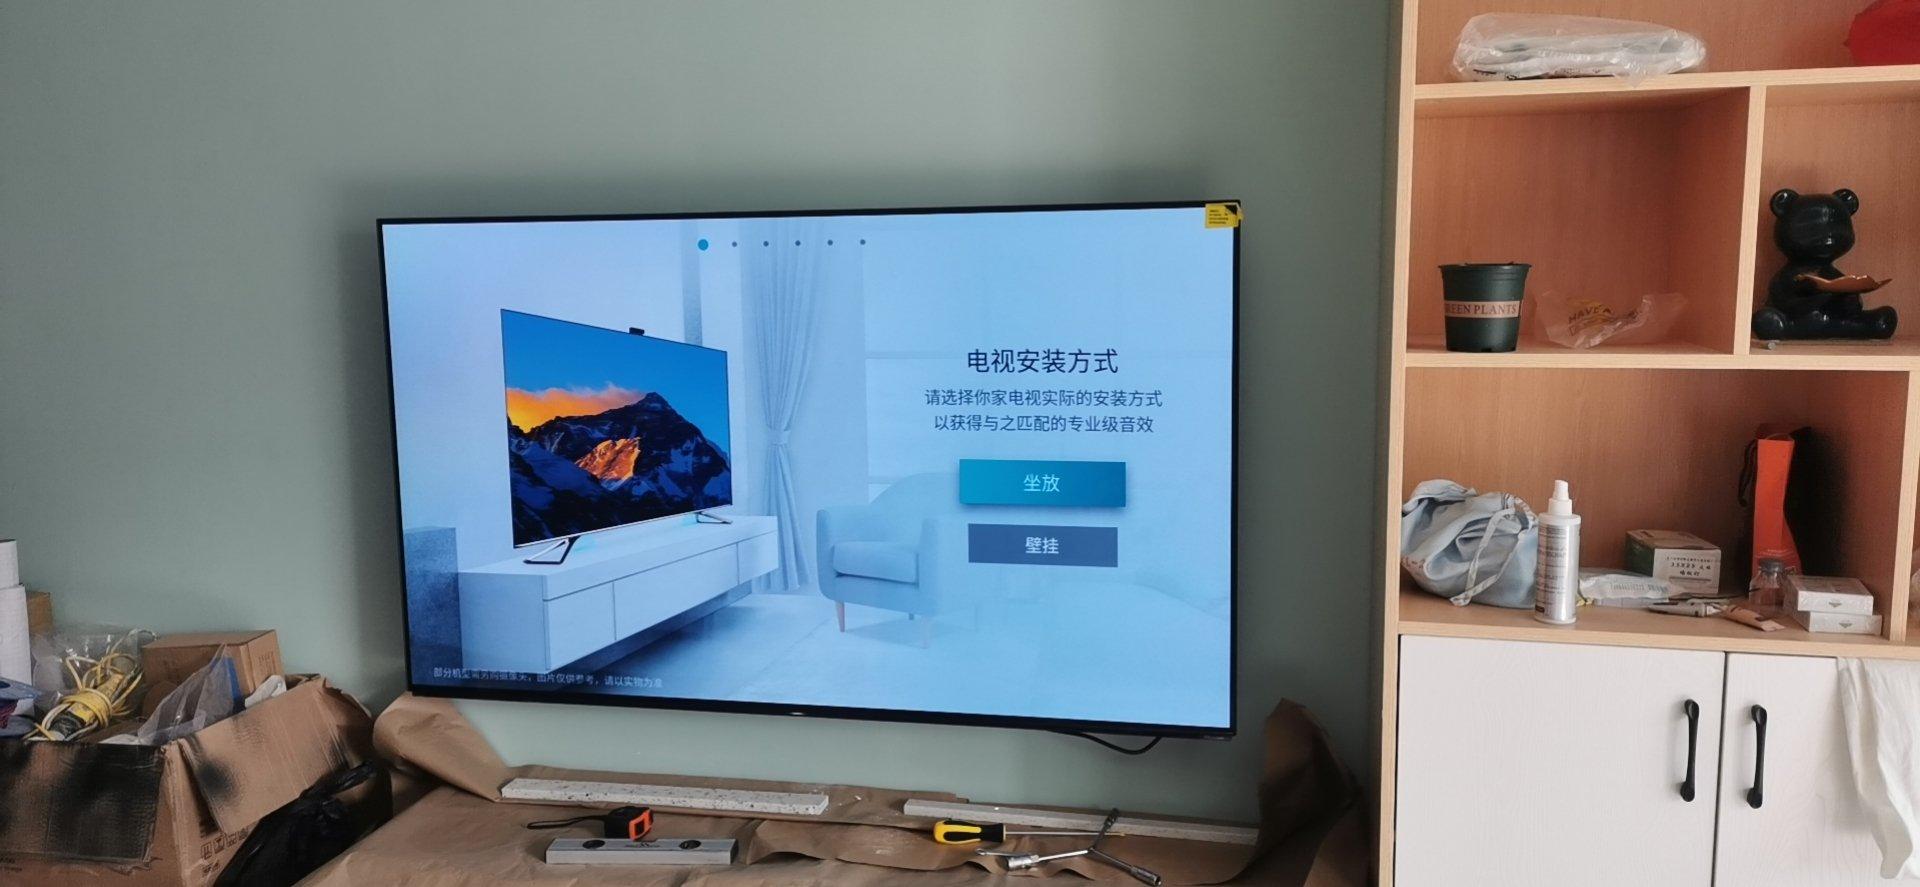 海信星河OLED自发光电视,家居布置的高端电视